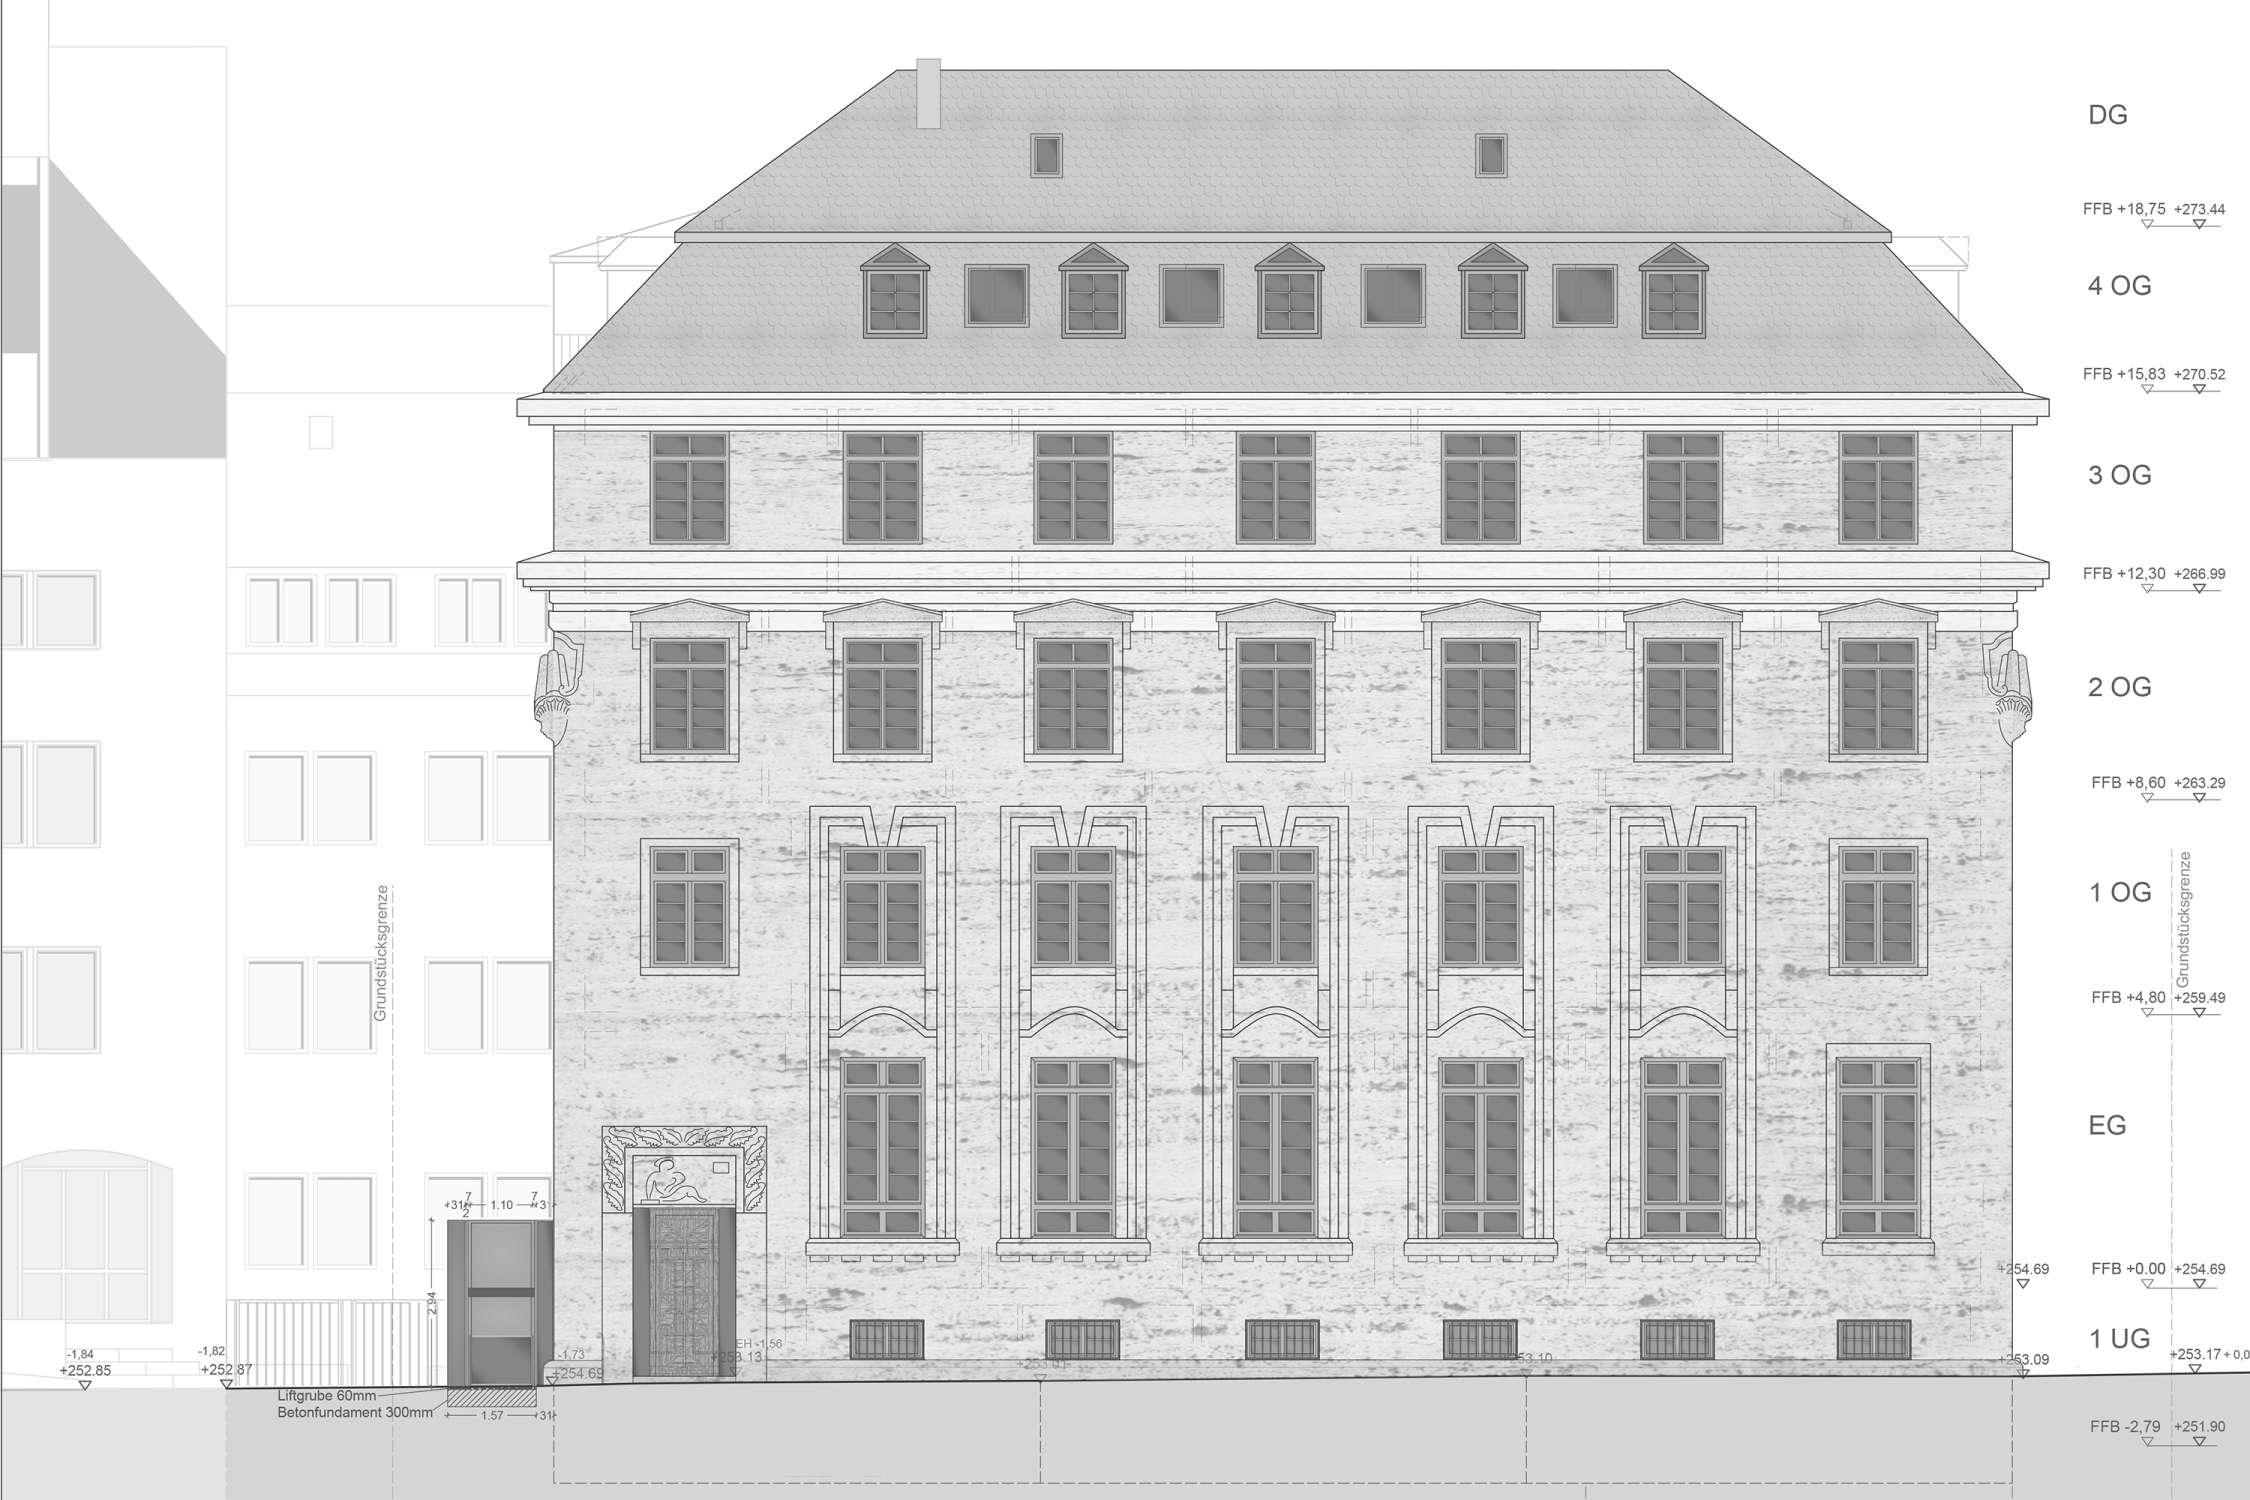 Umbau und denkmalpflegerische Sanierung Württembergischer Kreditverein (2)